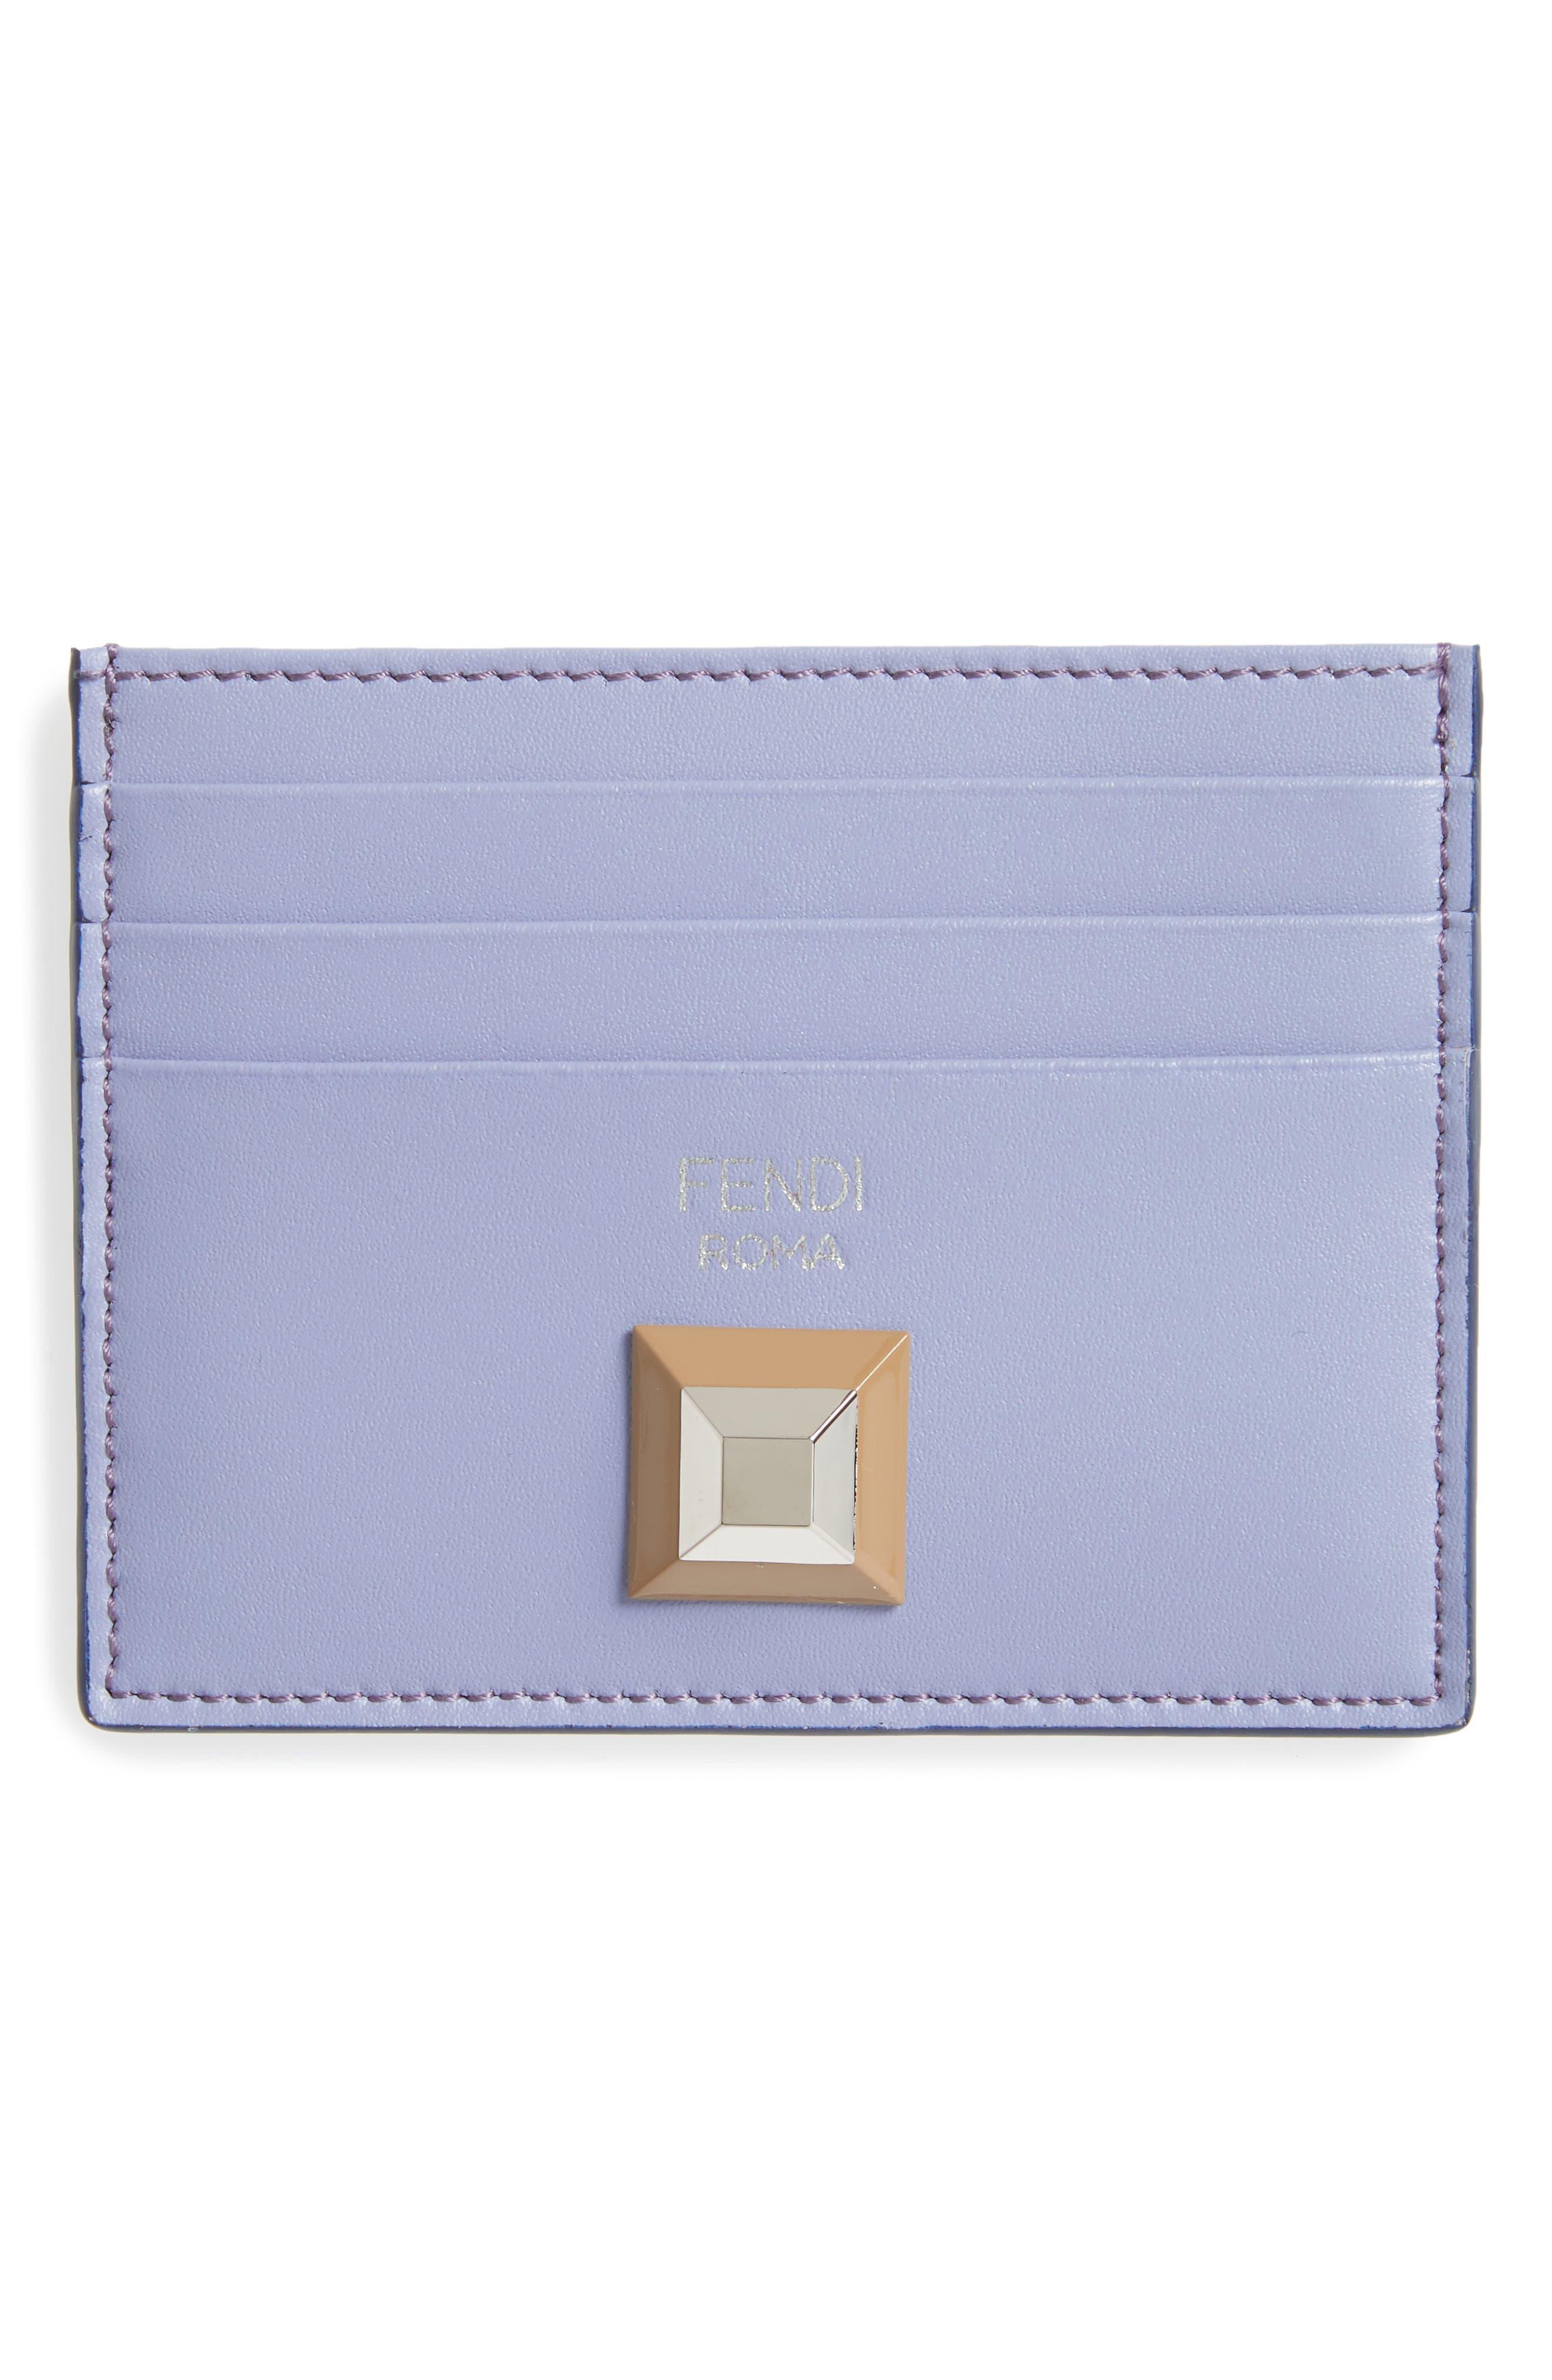 Rainbow Stud Leather Card Case,                             Main thumbnail 1, color,                             Sky/ Maroon